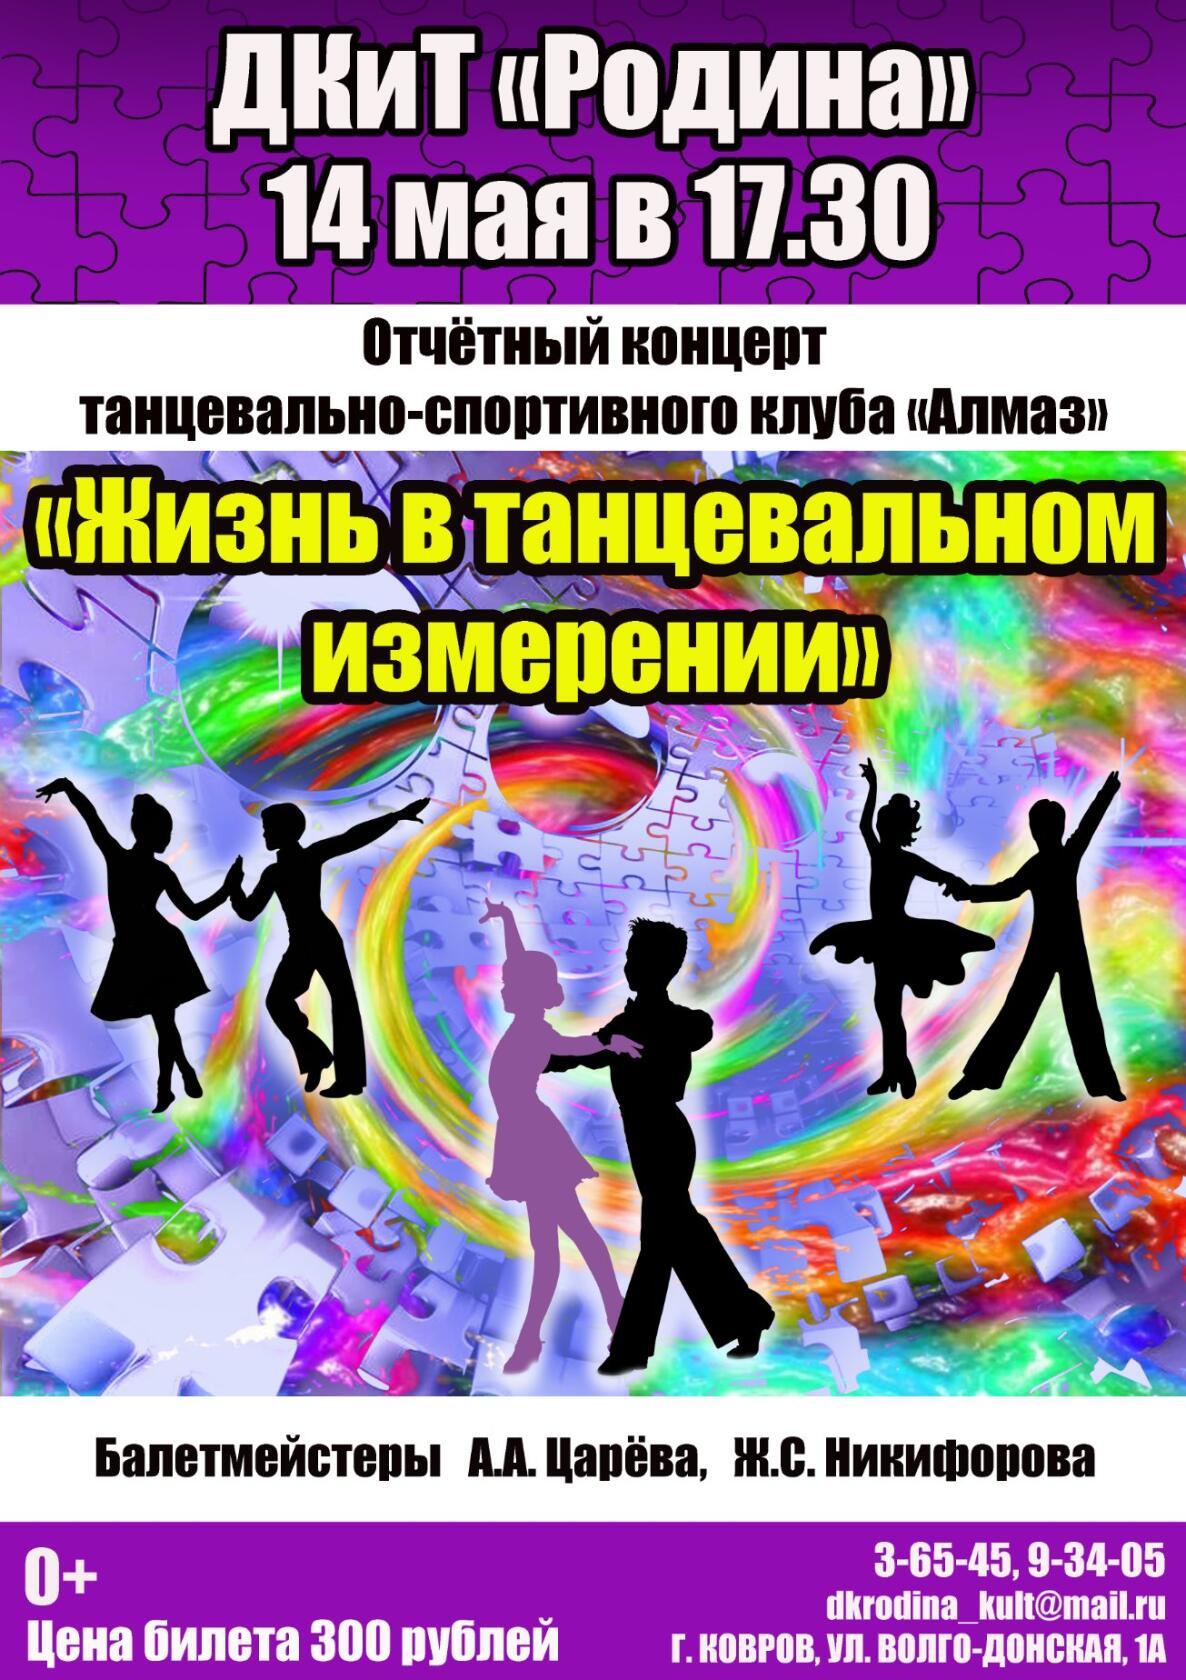 Отчетный концерт танцевально-спортивного клуба «Алмаз» – «Жизнь в танцевальном измерении»